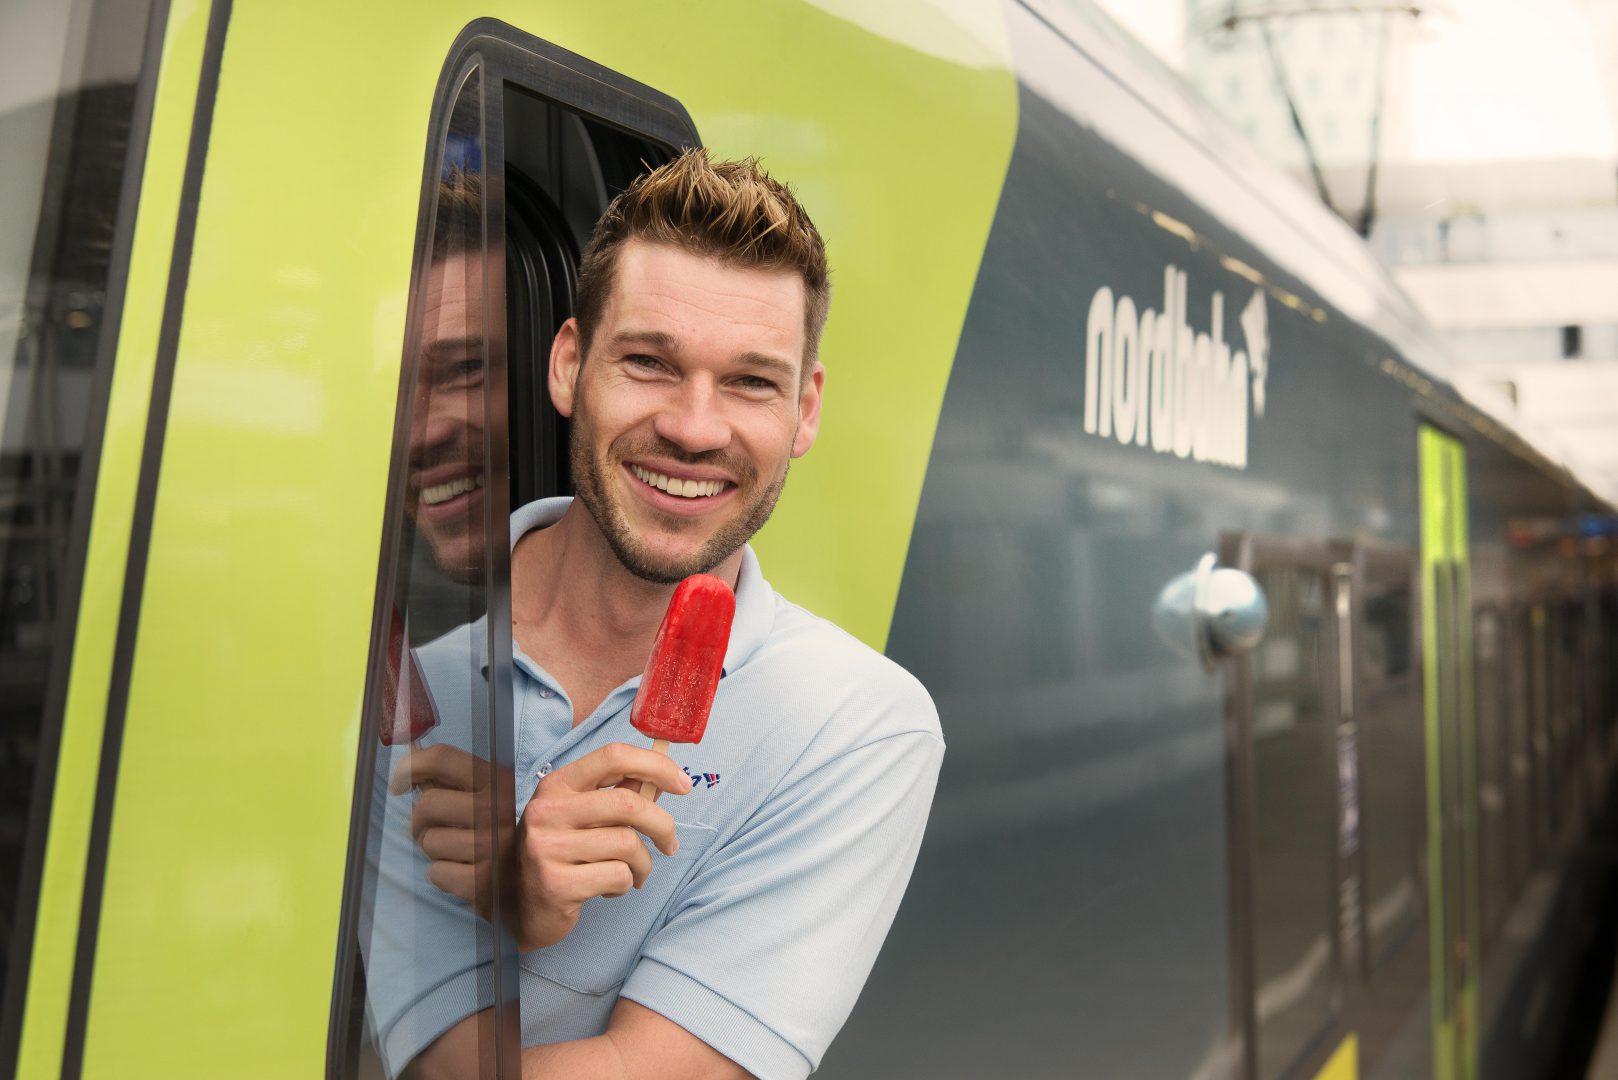 Am 19. Juli verteilt die Hamburger Eis-Manufaktur puro ice pops leckeres Eis in den Zügen der nordbahn zwischen Neumünster und Bad Oldesloe sowie zwischen Altona und Elmshorn bzw. dem Hamburger Hauptbahnhof - kostenfrei als Überraschung für die Fahrgäste. (c) nordbahn